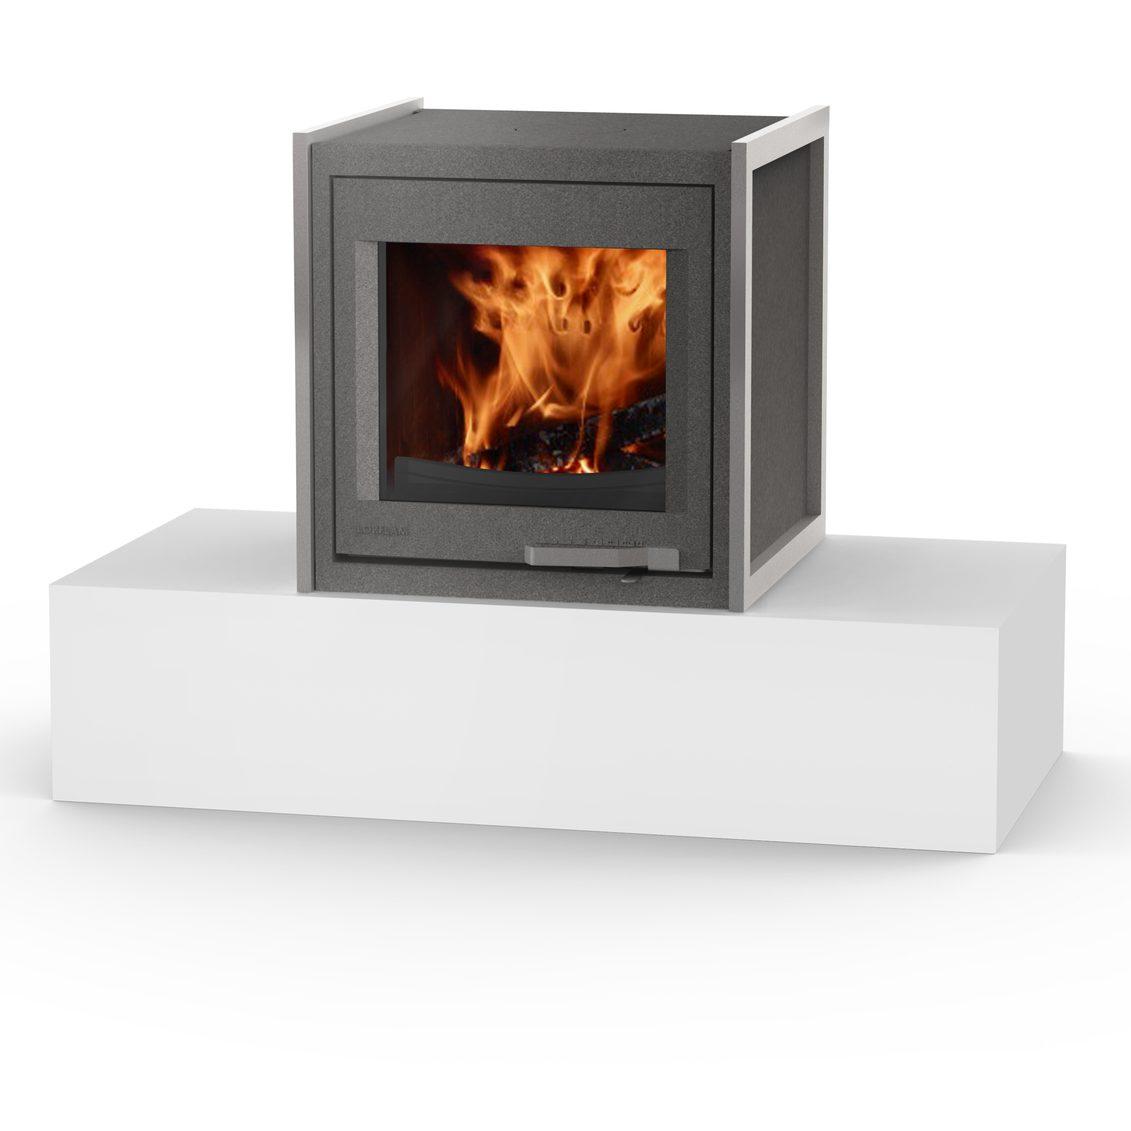 LORFLAM-XP54-BOX-posé-graphite